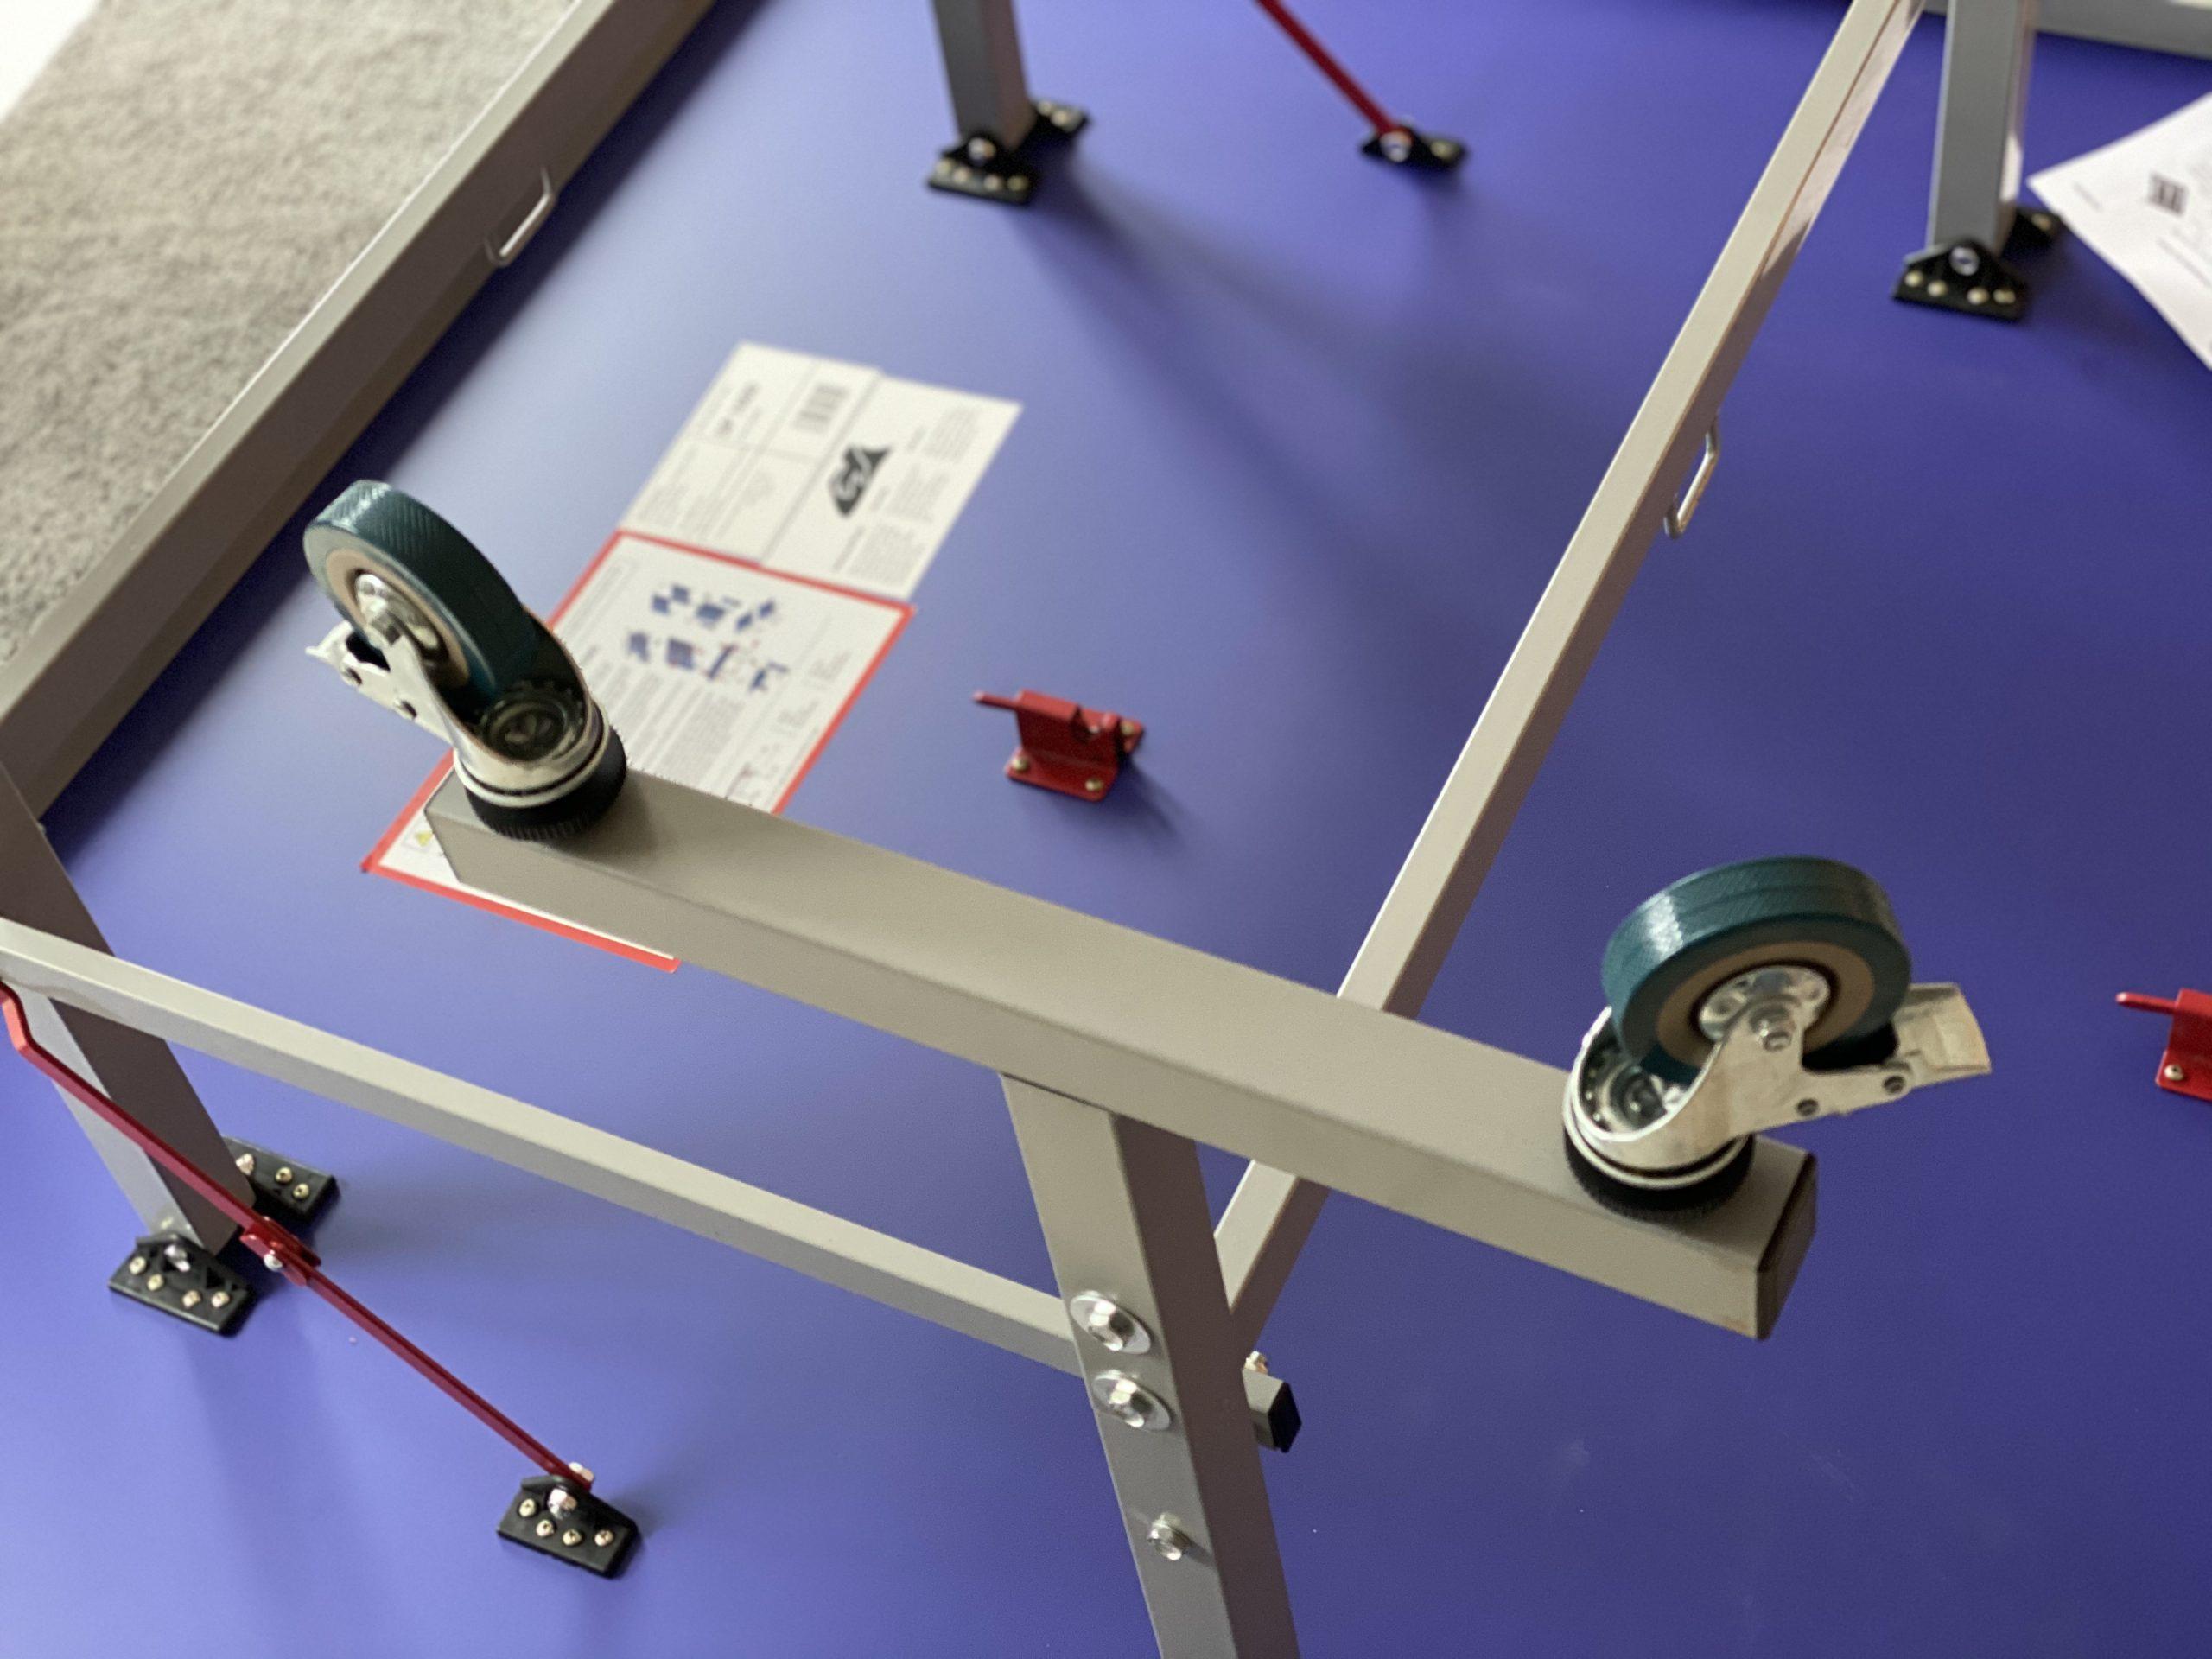 Tischtennisplatte San-Ei / Tibhar SP 1000 - Montage der Räder